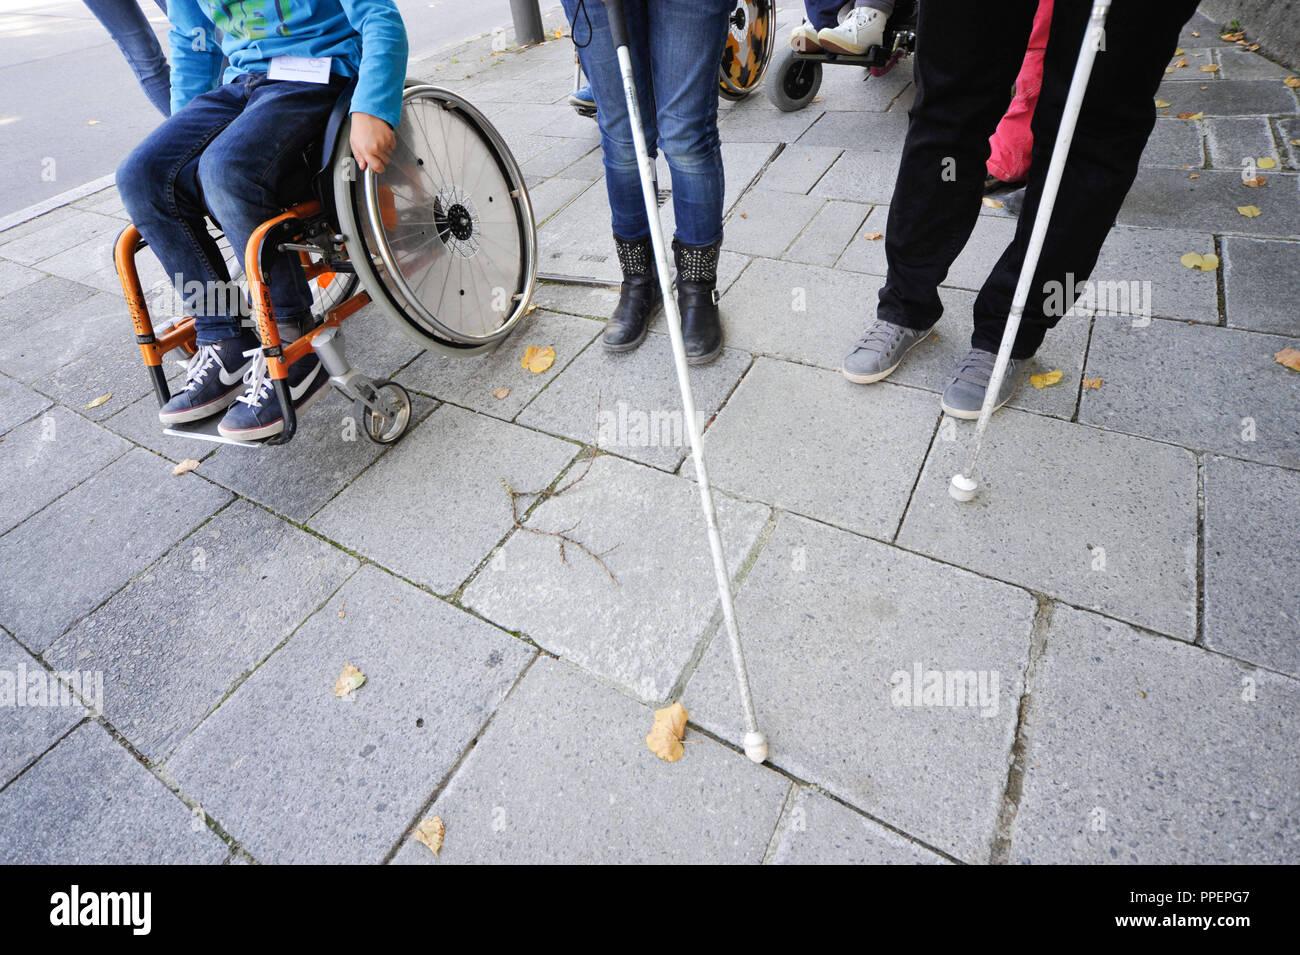 Bambini possono provare come si sposta con disablities attraverso la città insieme con i caregivers di KJR e persone disabili. Il loro parere va quindi a organi politici quali il Comitato Distrettuale, Monaco di Baviera, Germania Immagini Stock